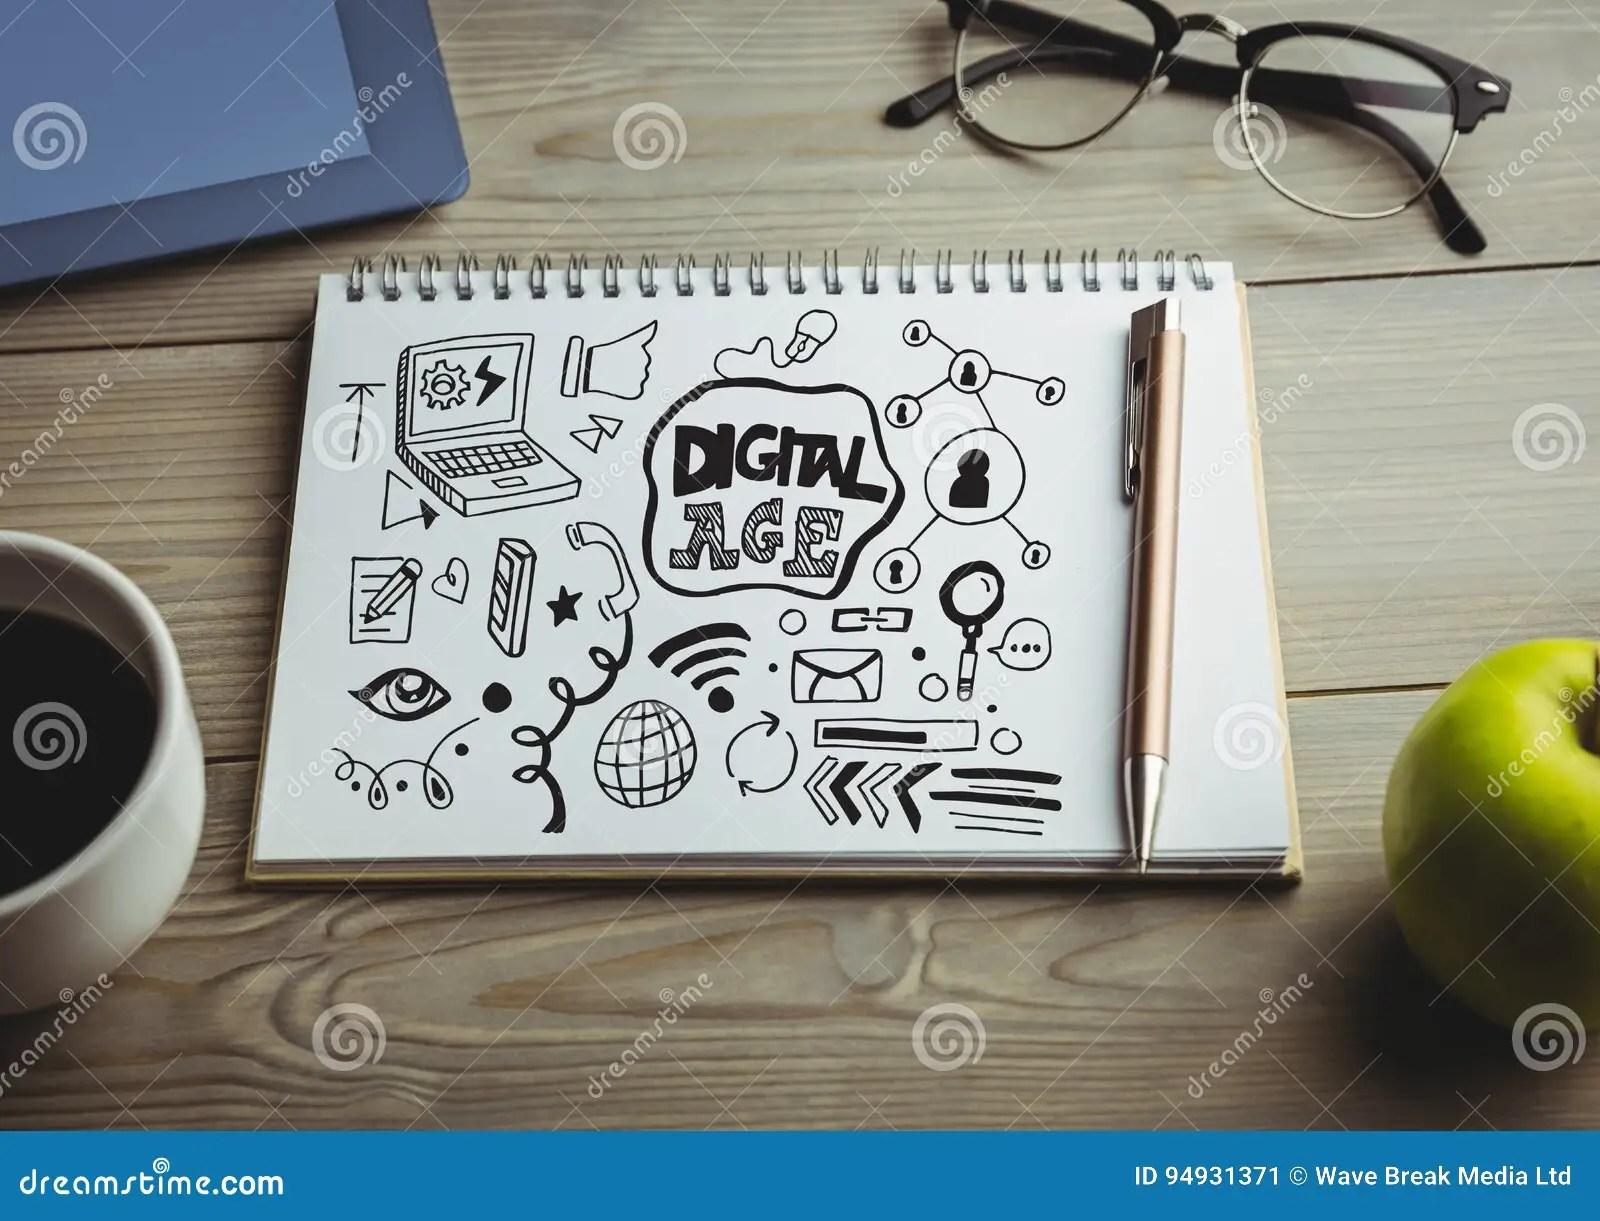 digital age doodle on